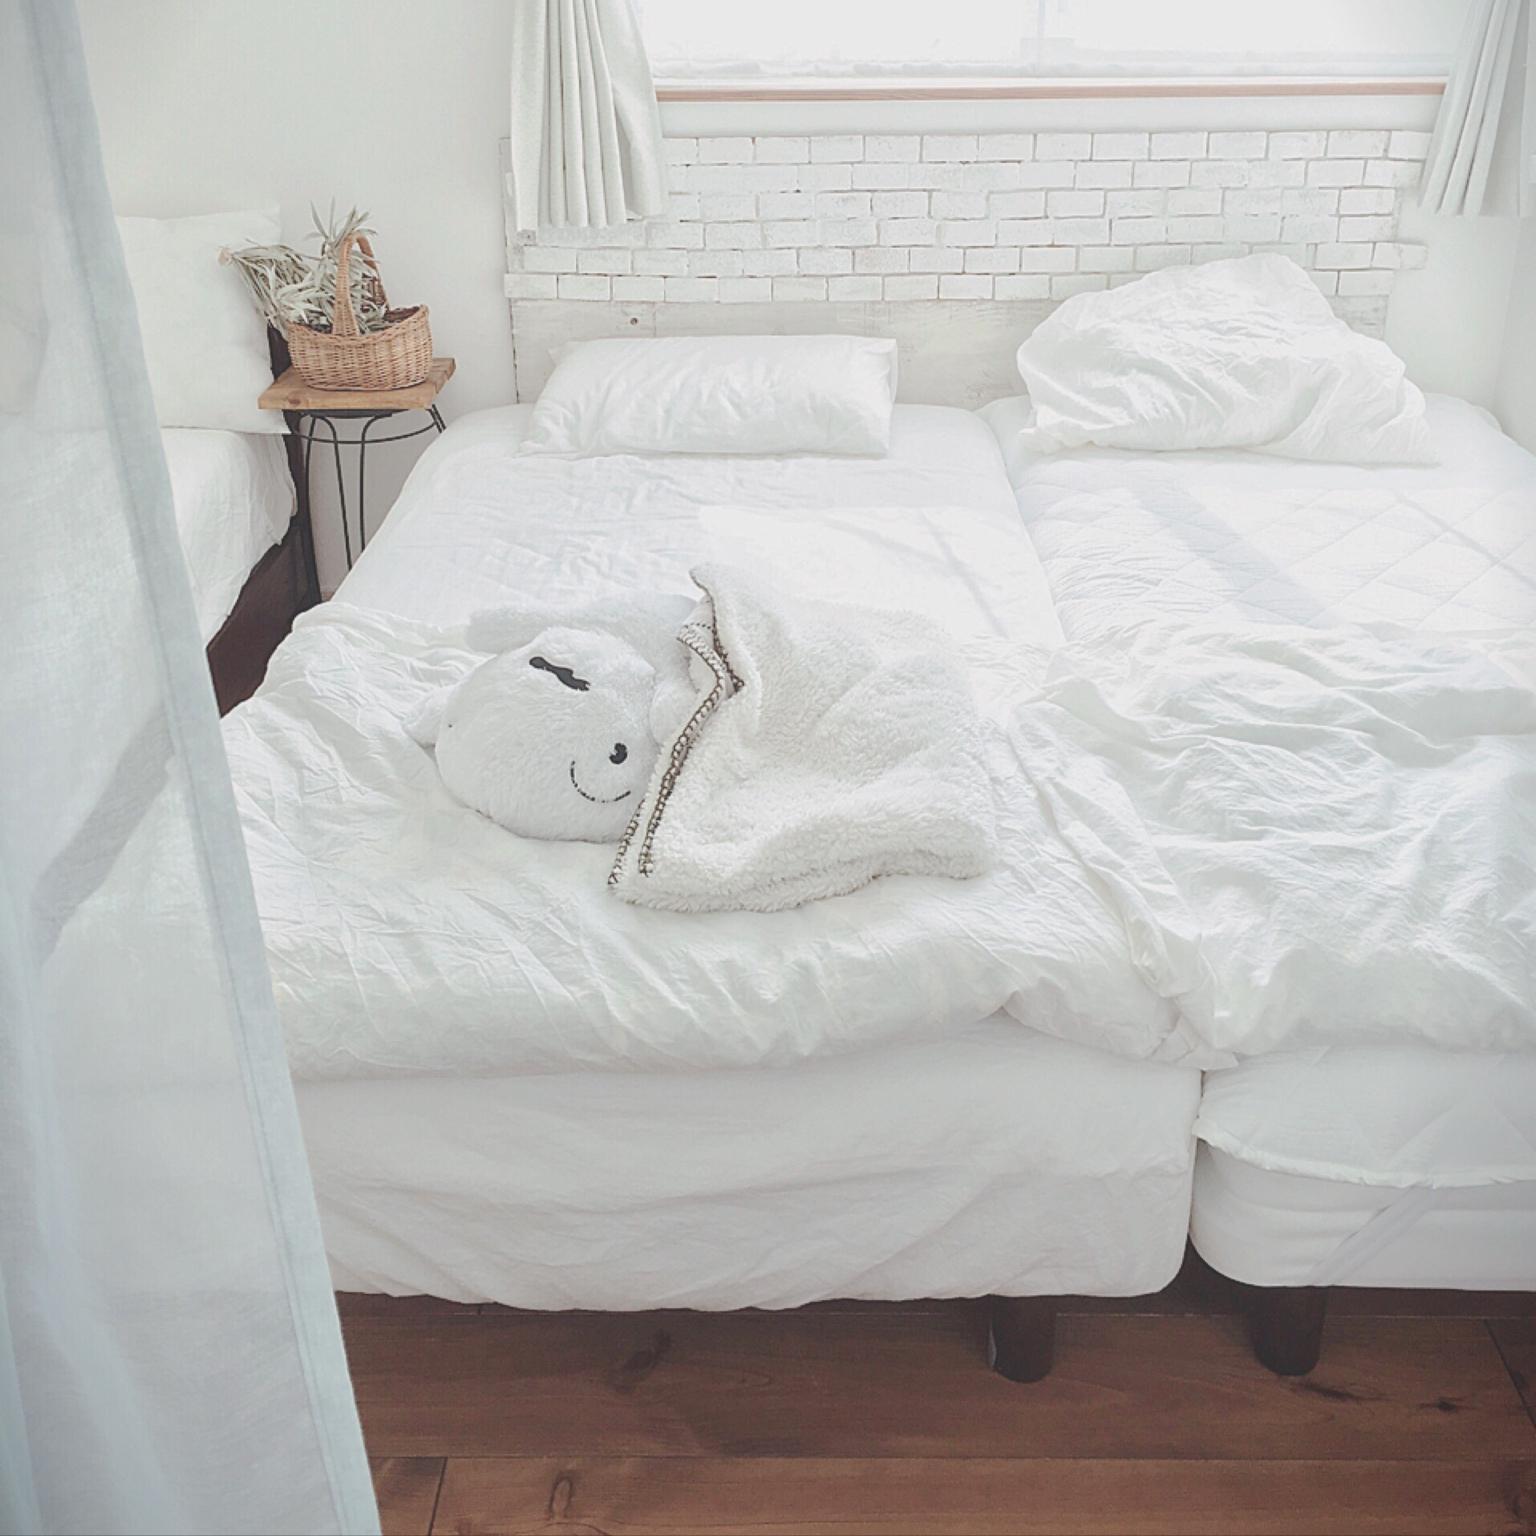 無印良品で叶う、リラックスを約束する快適ベッドルーム